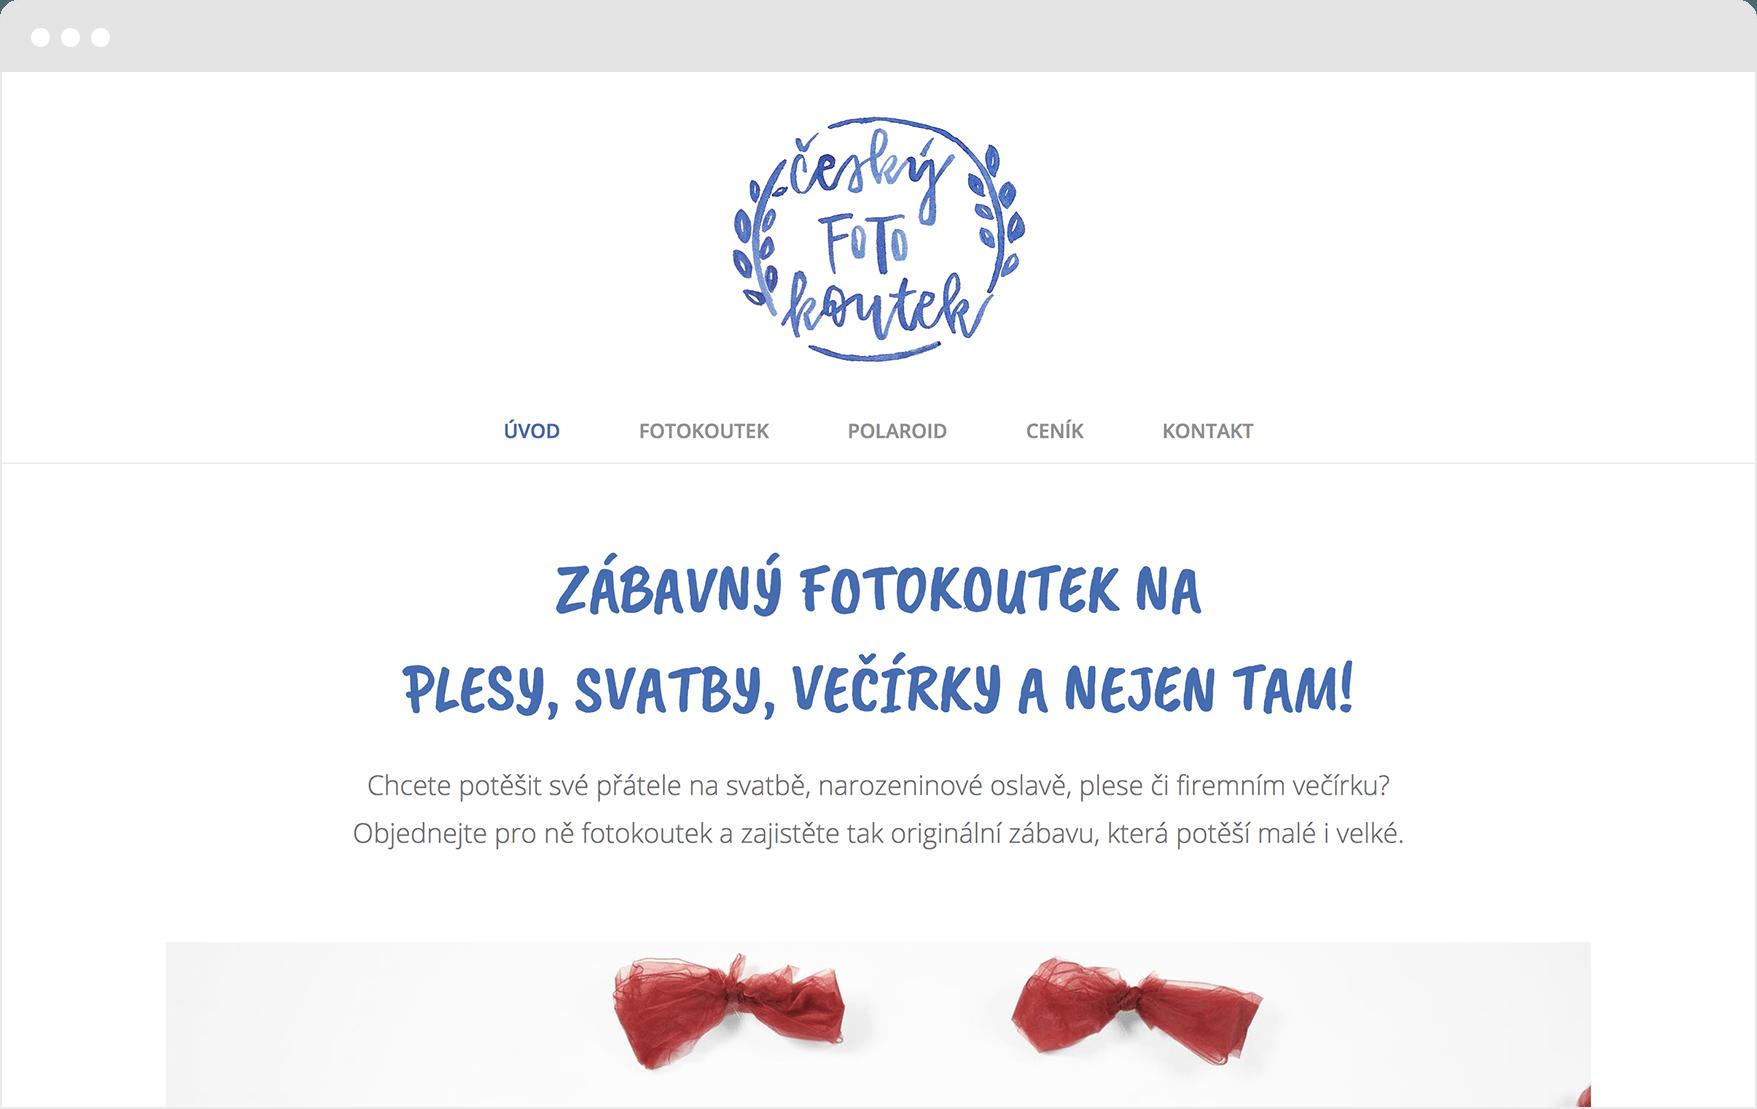 Český fotokoutek